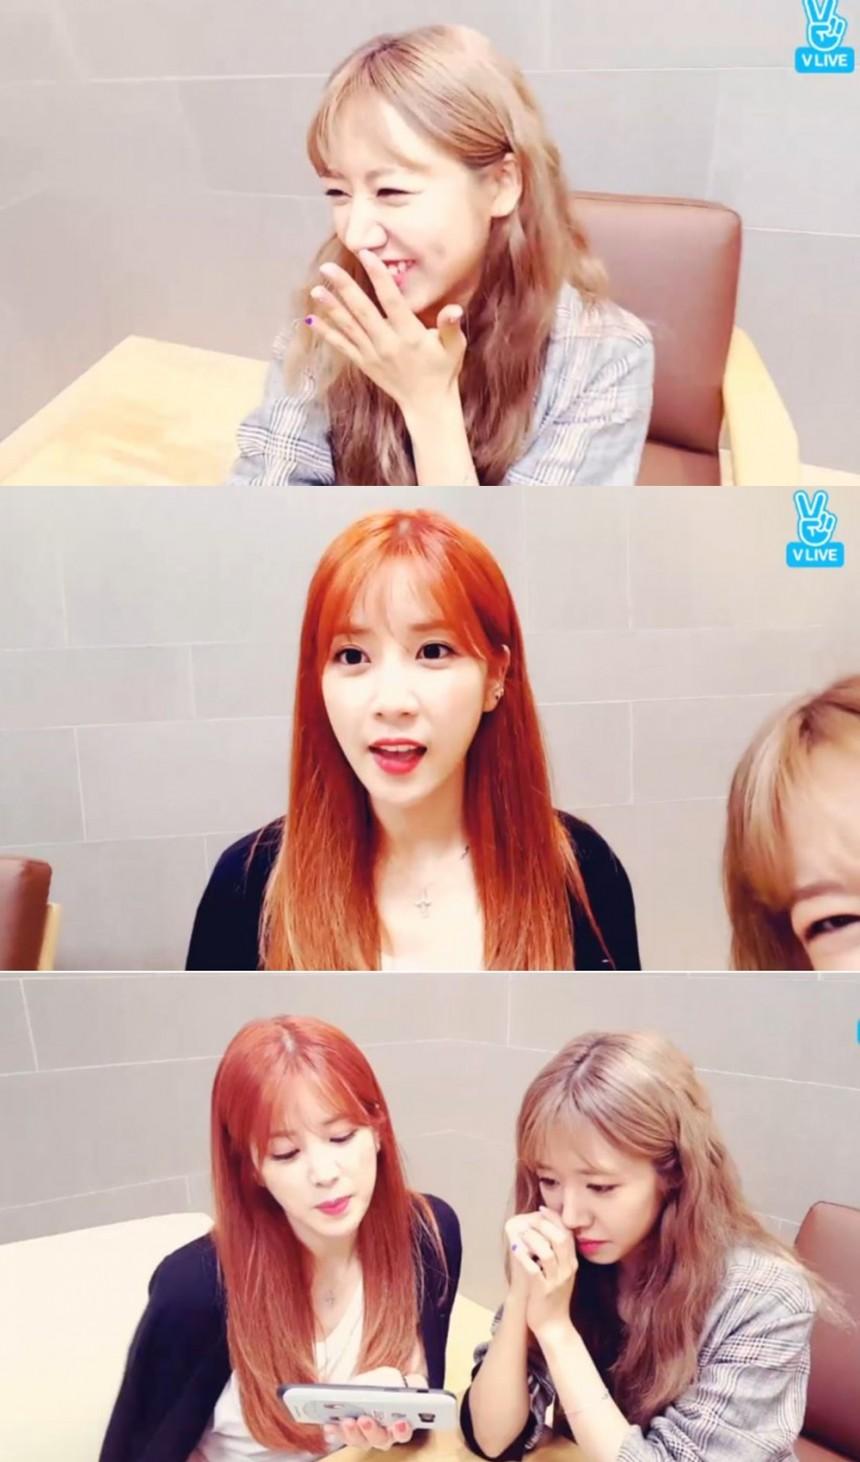 에이핑크(Apink) 박초롱-김남주/V앱 라이브